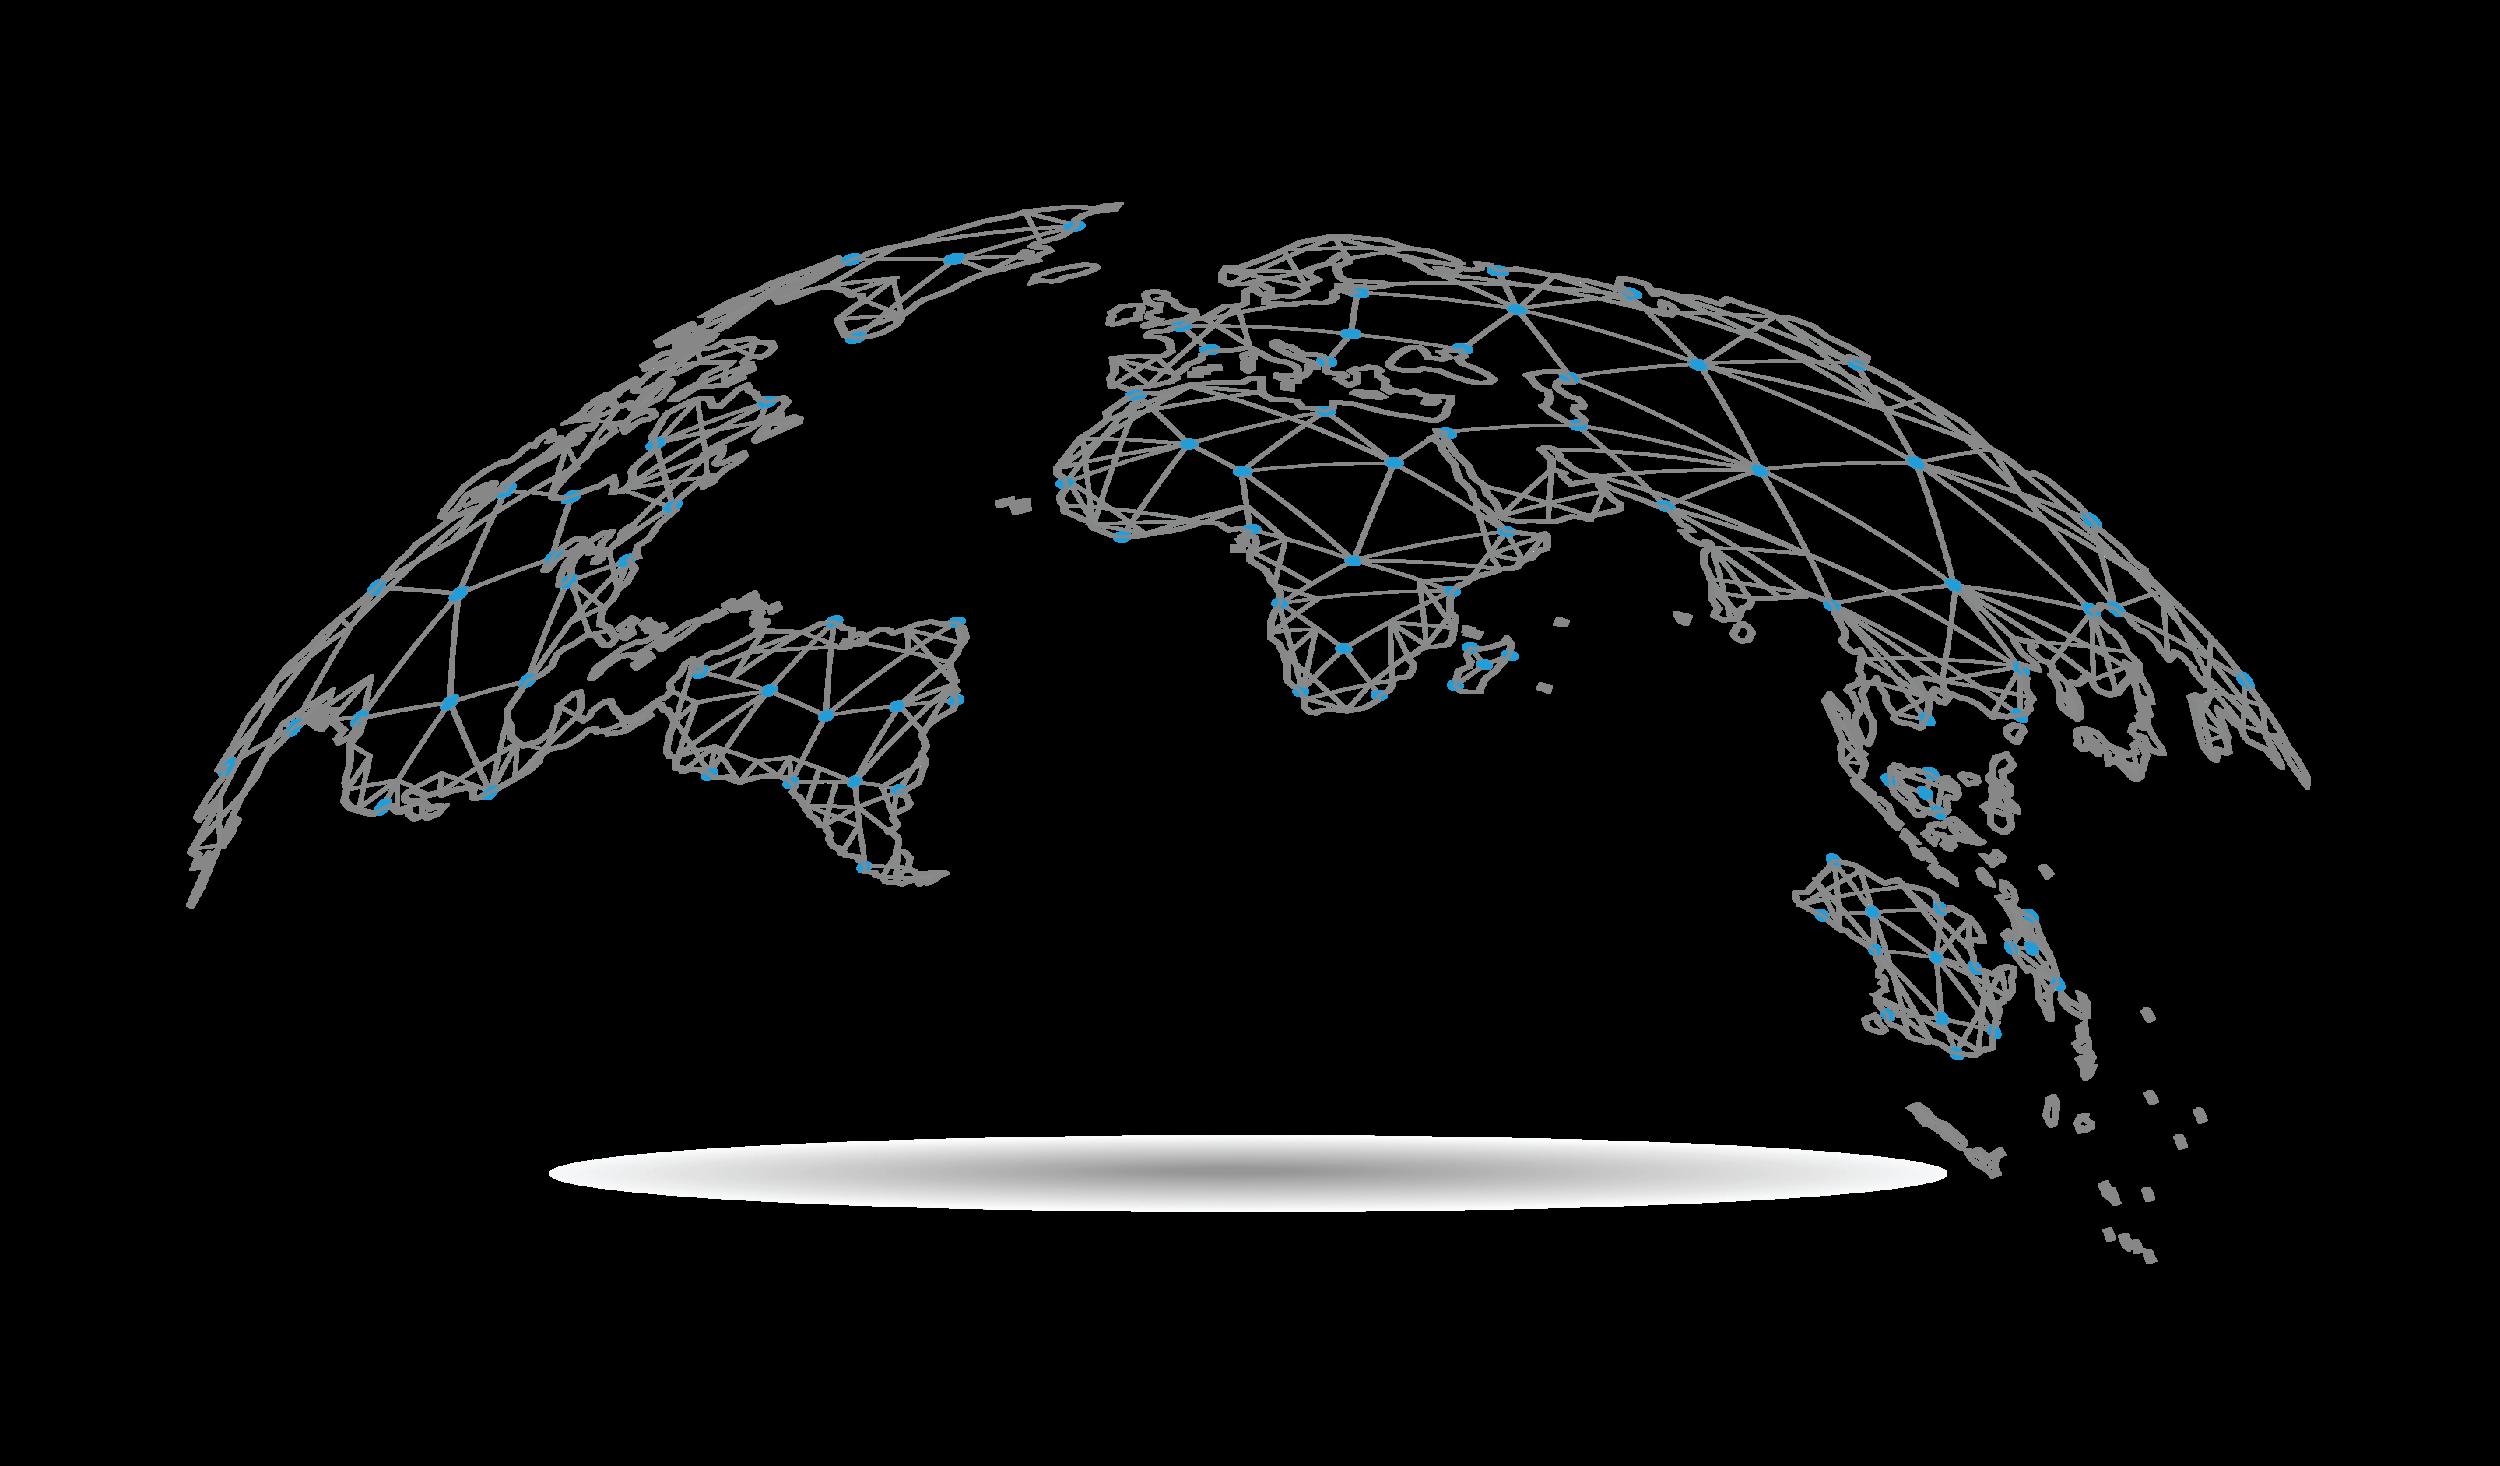 Au plus proche de vos clients - Réduisez l'empreinte carbone de vos publications avec l'impression à la demande M.O.D. ZERO STOCK© et sa technologie conçue pour une logistique mondiale optimisée.